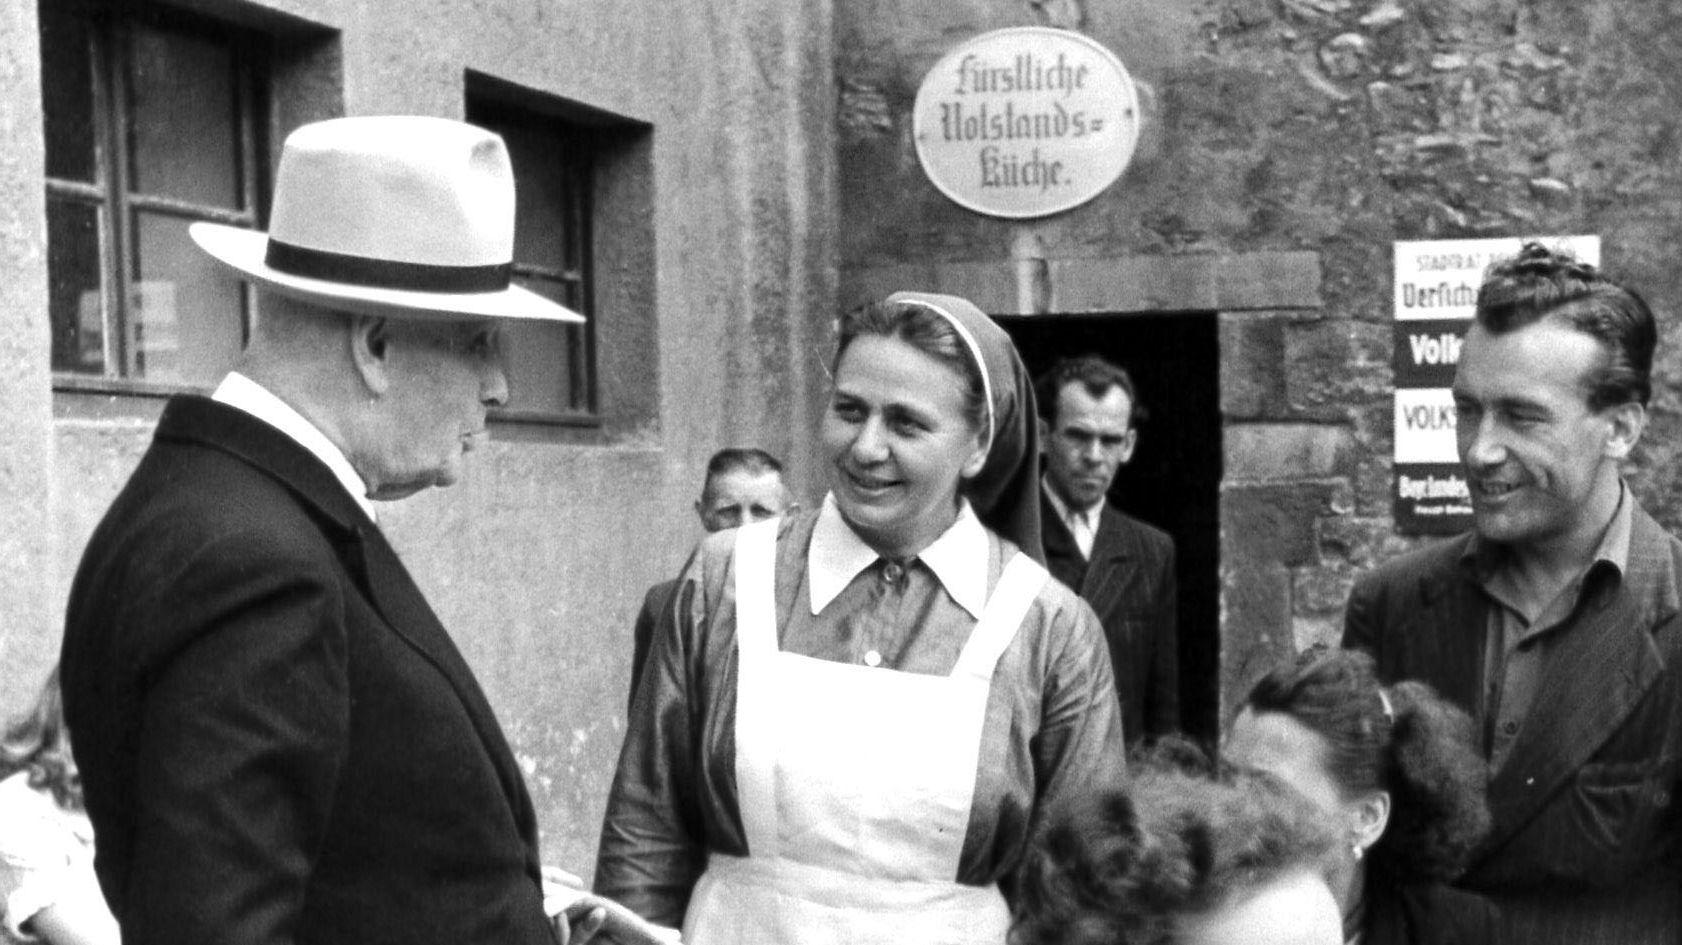 Fürst Albert I. vor der Notstandsküche. Er hat die Einrichtung gegründet. Das Foto stammt vermutlich aus dem Jahr 1950.